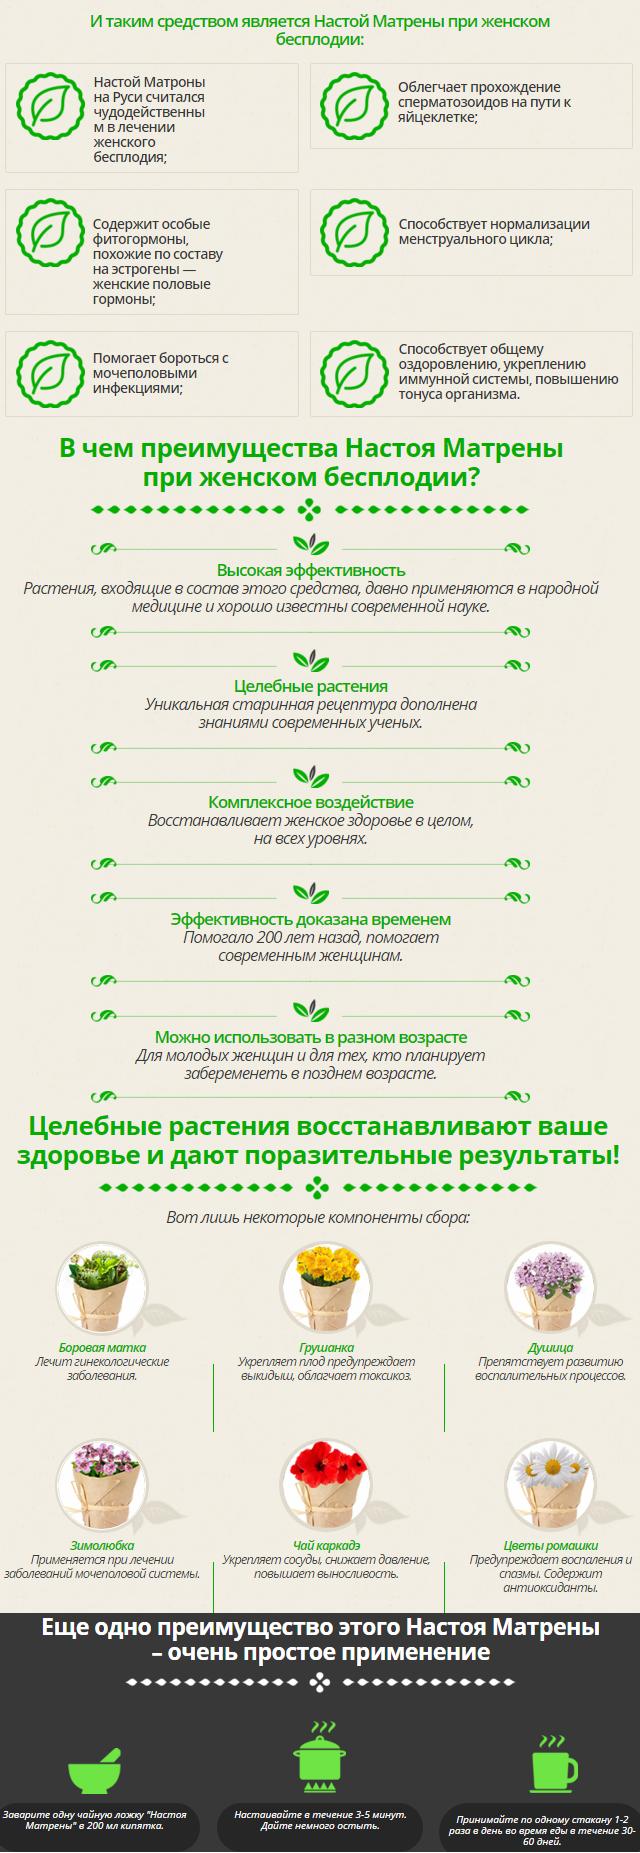 Настой матрены в украине